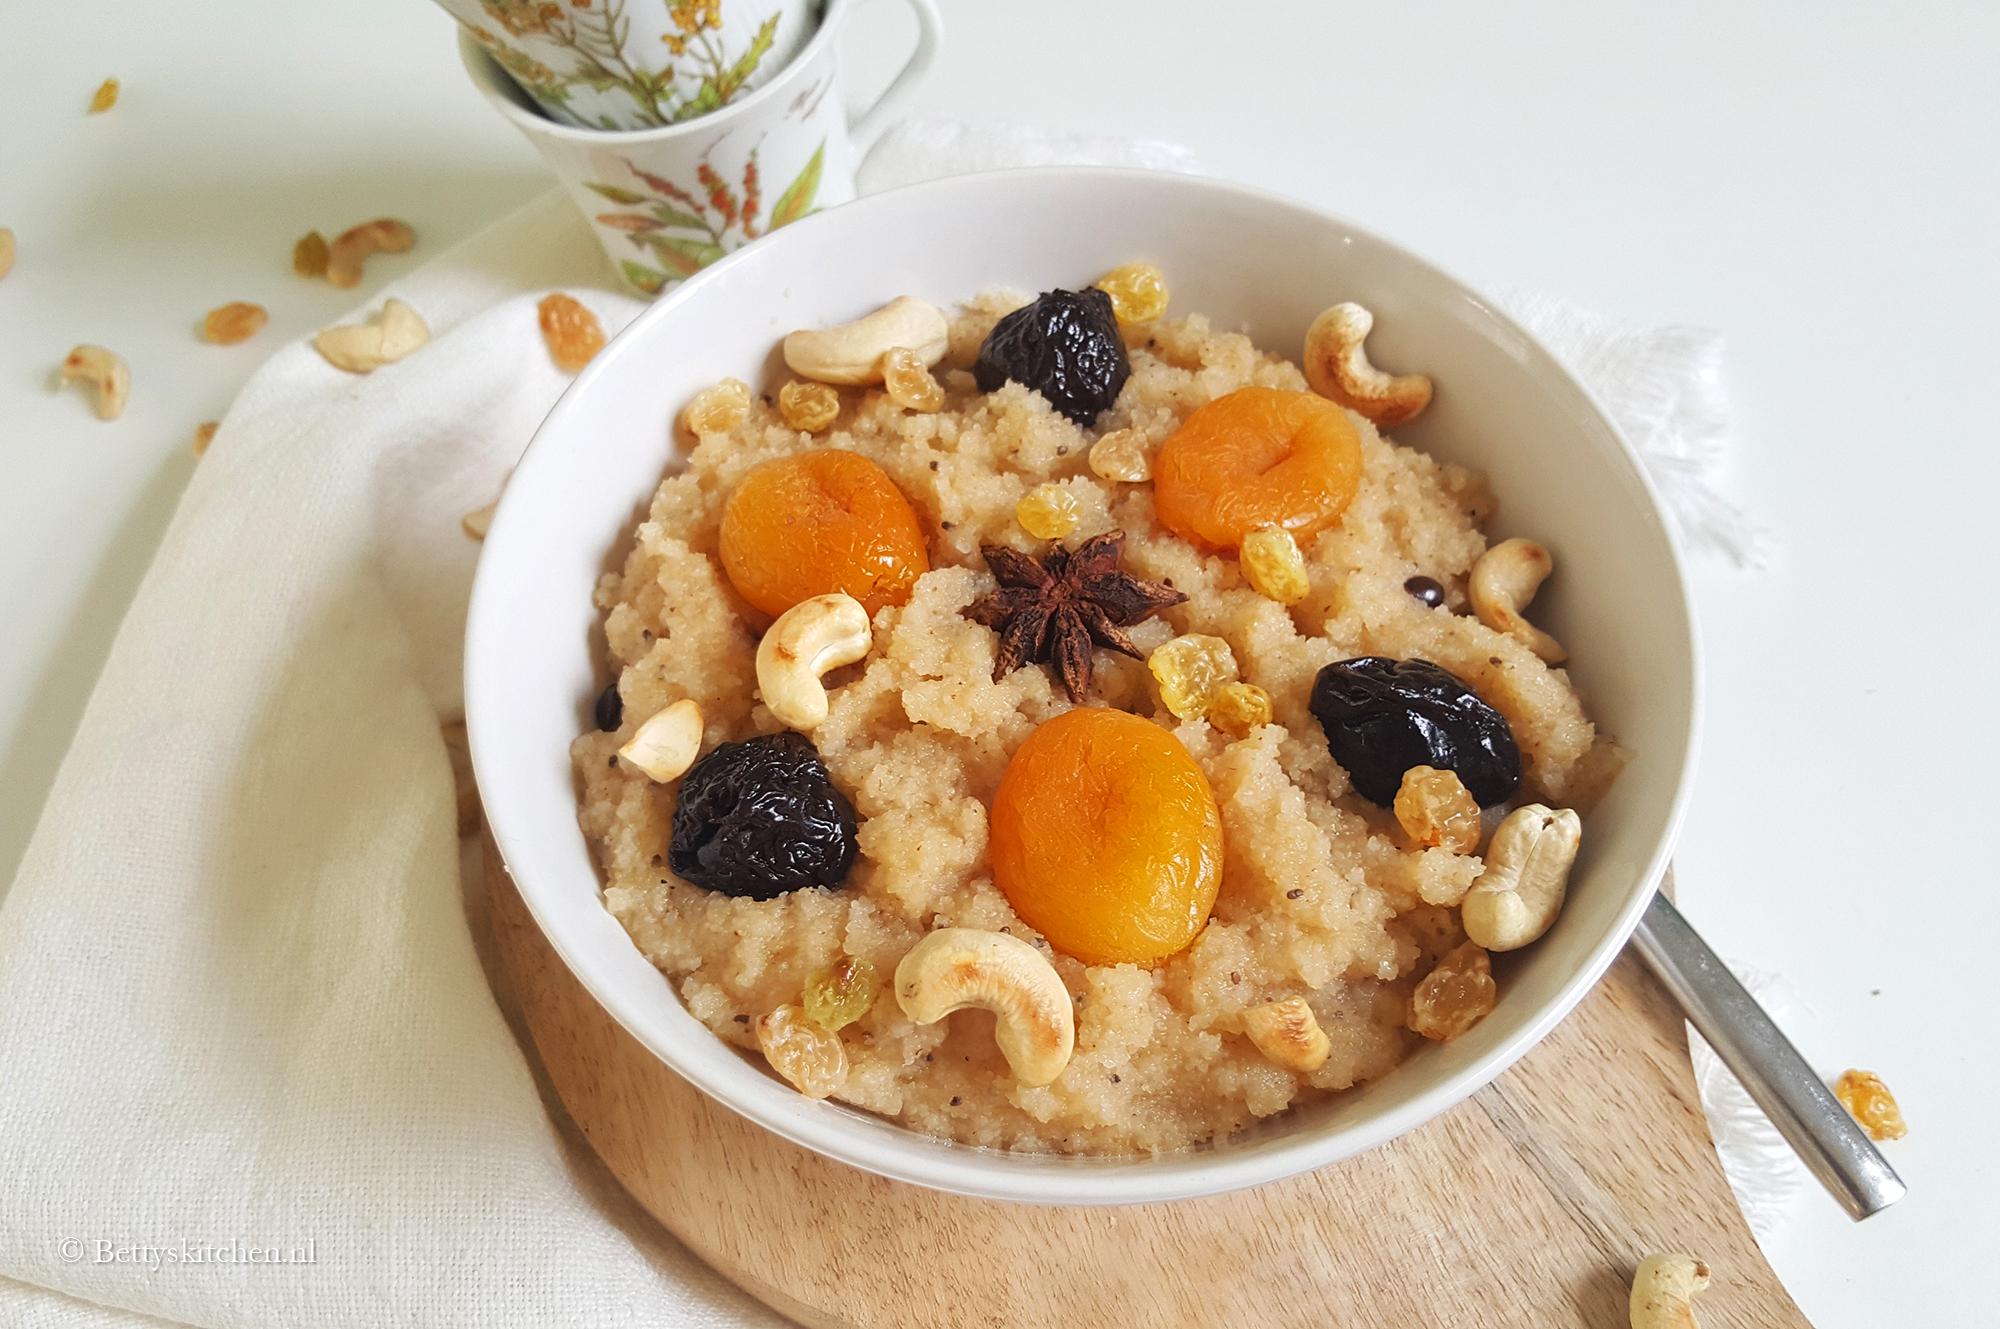 Griesmeelpap met cashewnoten, anijs en gedroogd fruit (Suji)